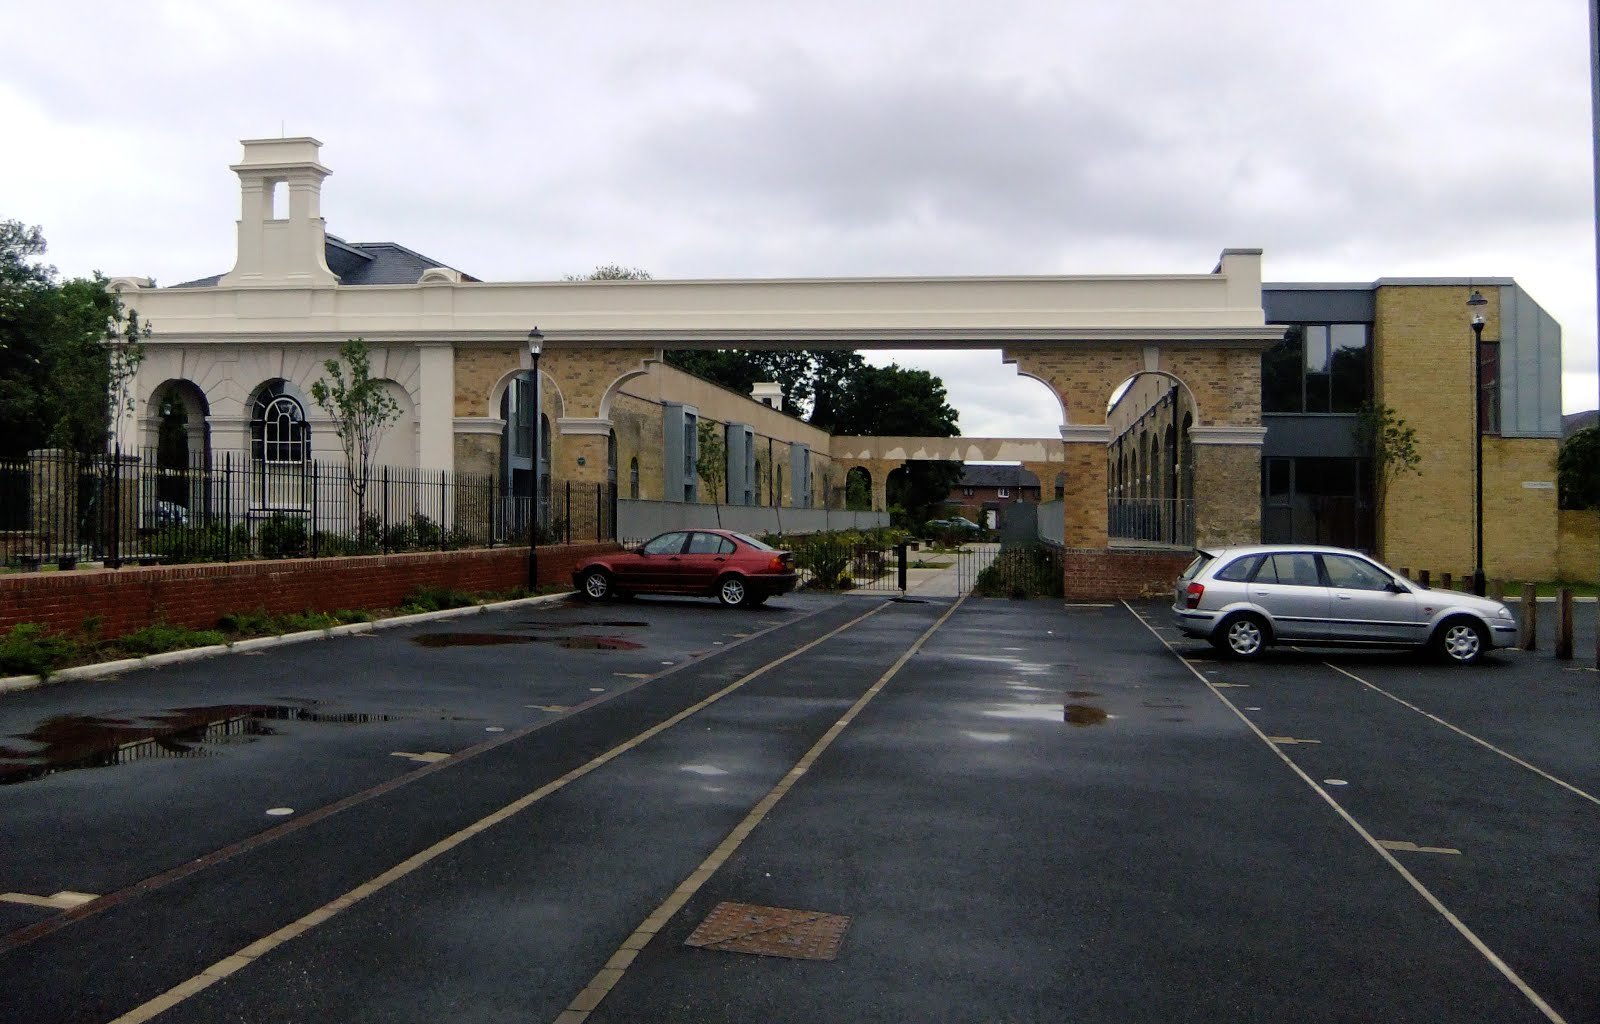 Gosport Station